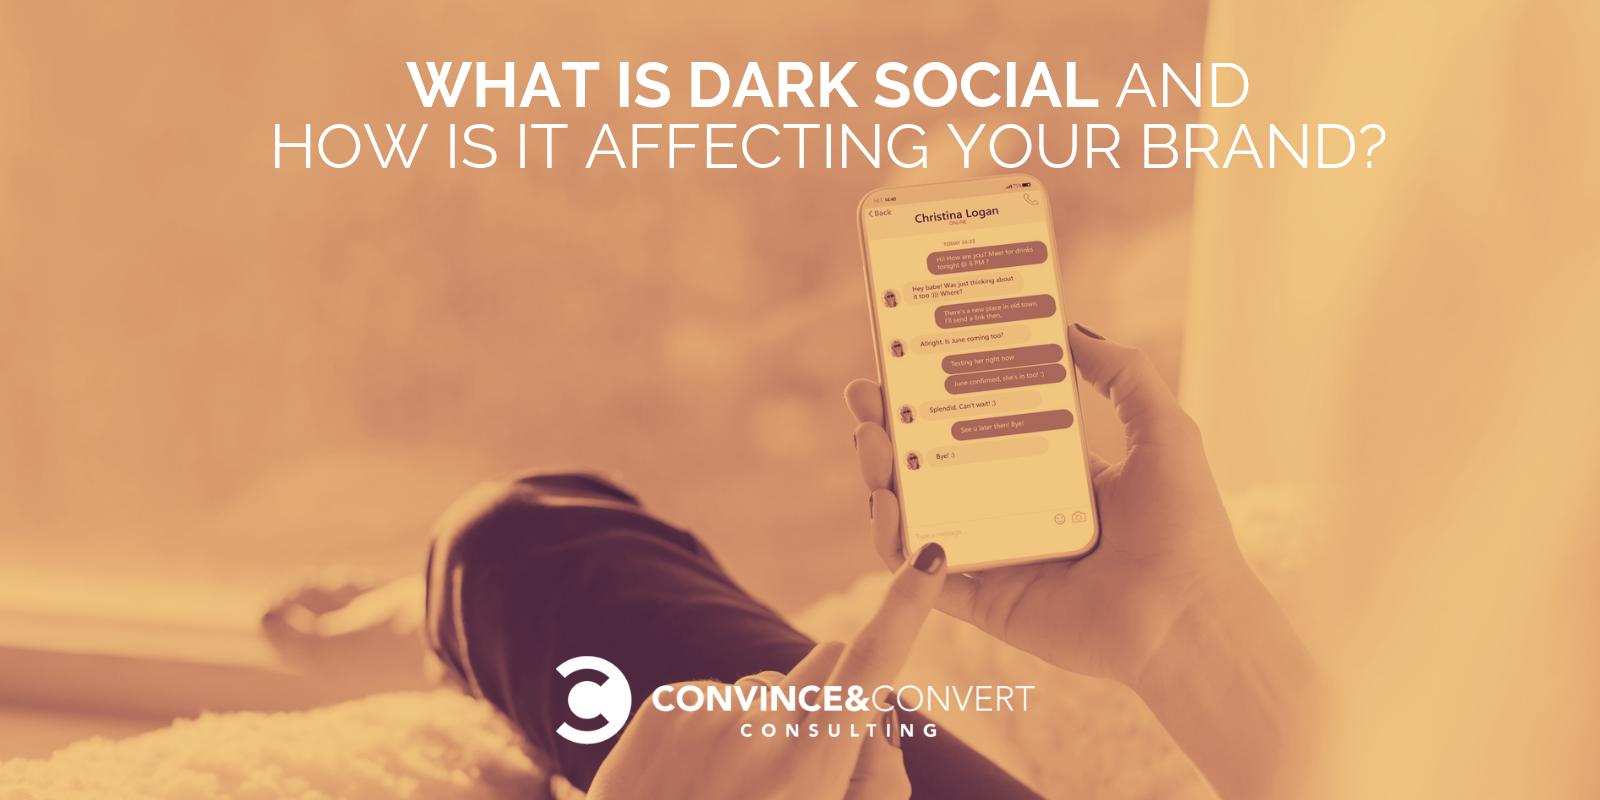 Cos'è Dark Social e in che modo influisce sul tuo marchio?